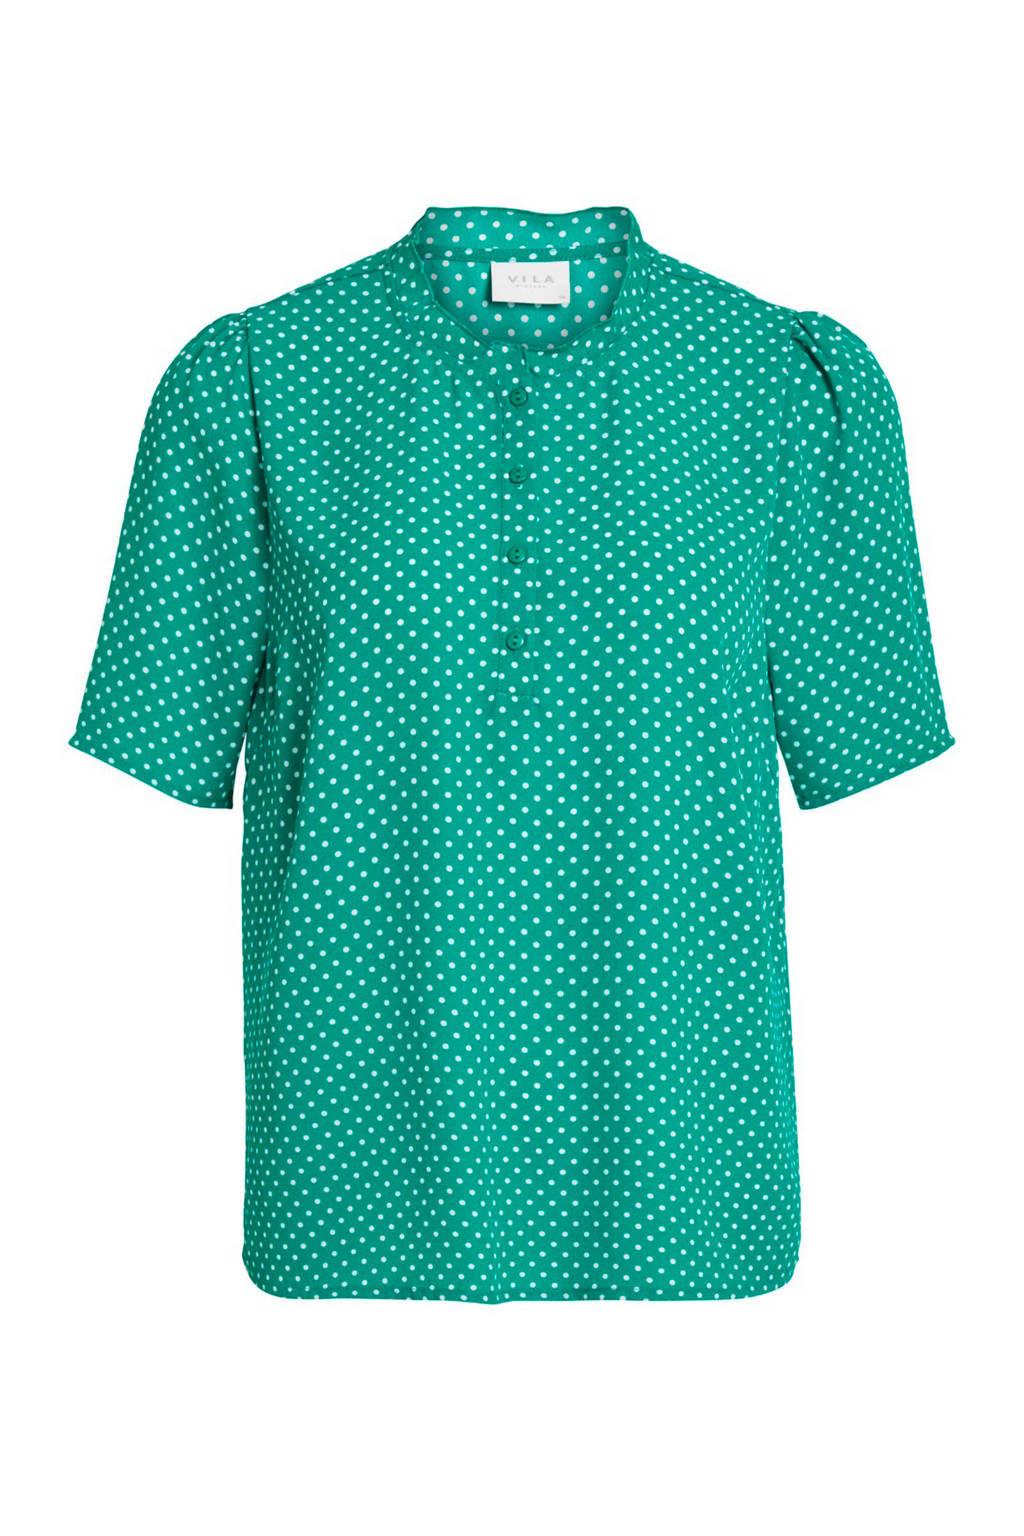 VILA T-shirt met stippen groen, Groen/wit